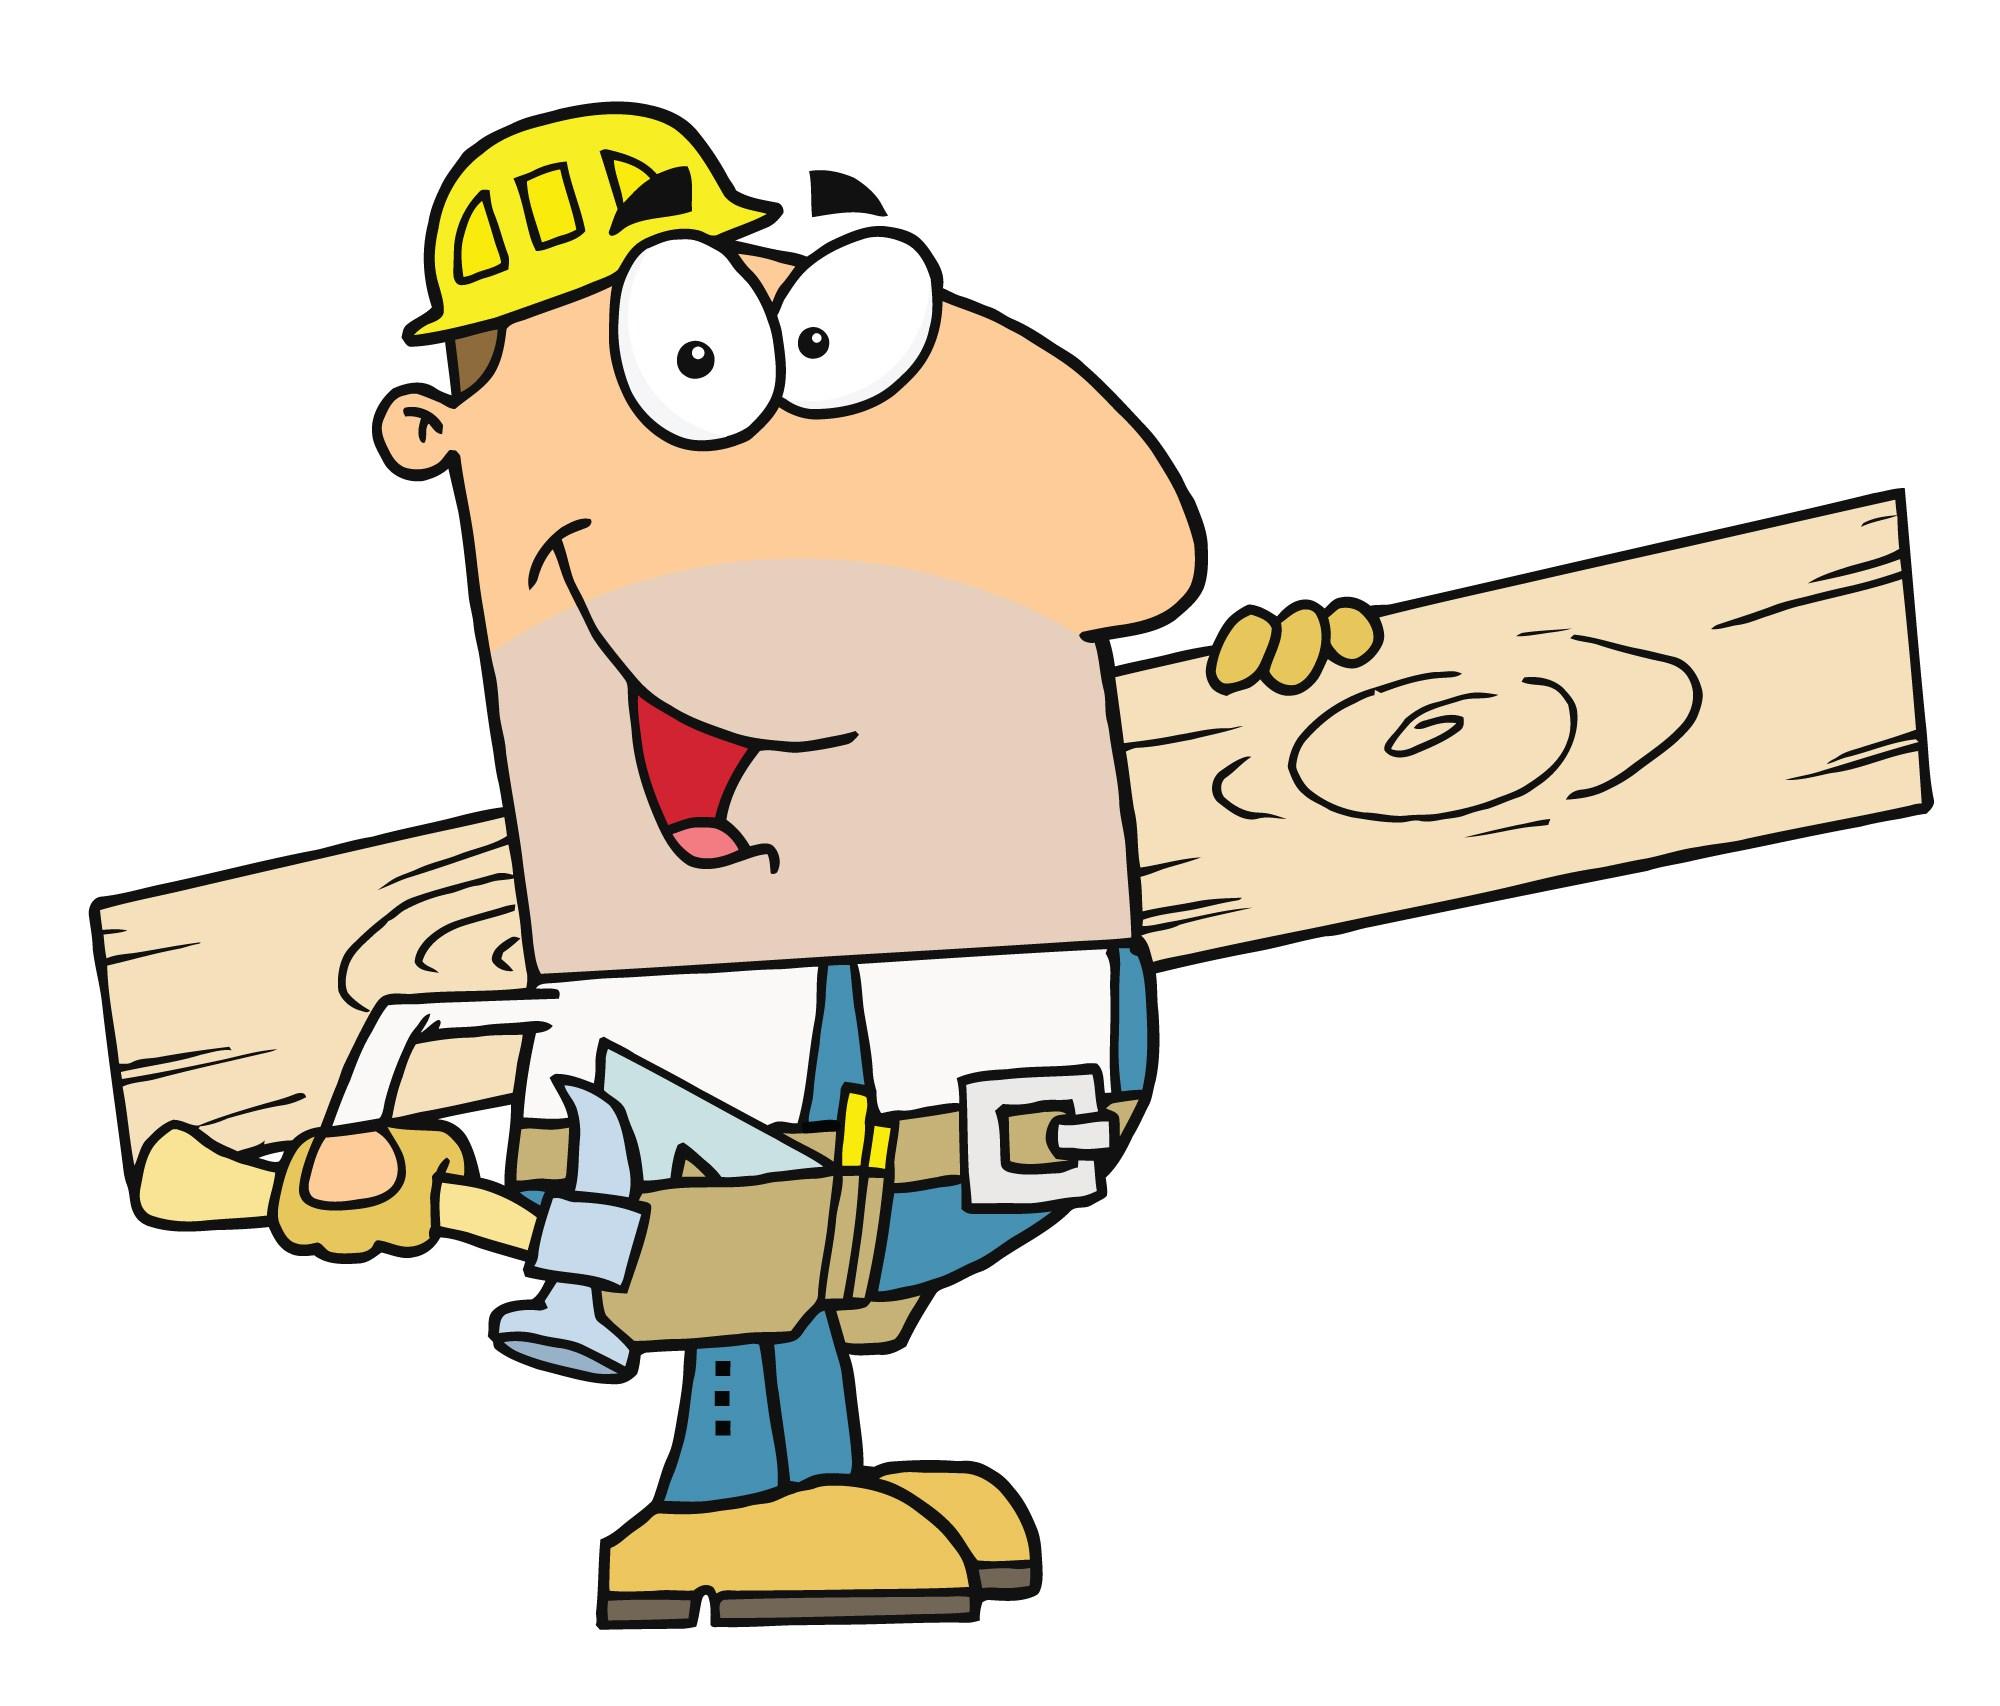 Jobs clipart free 6 » Clipart Portal.